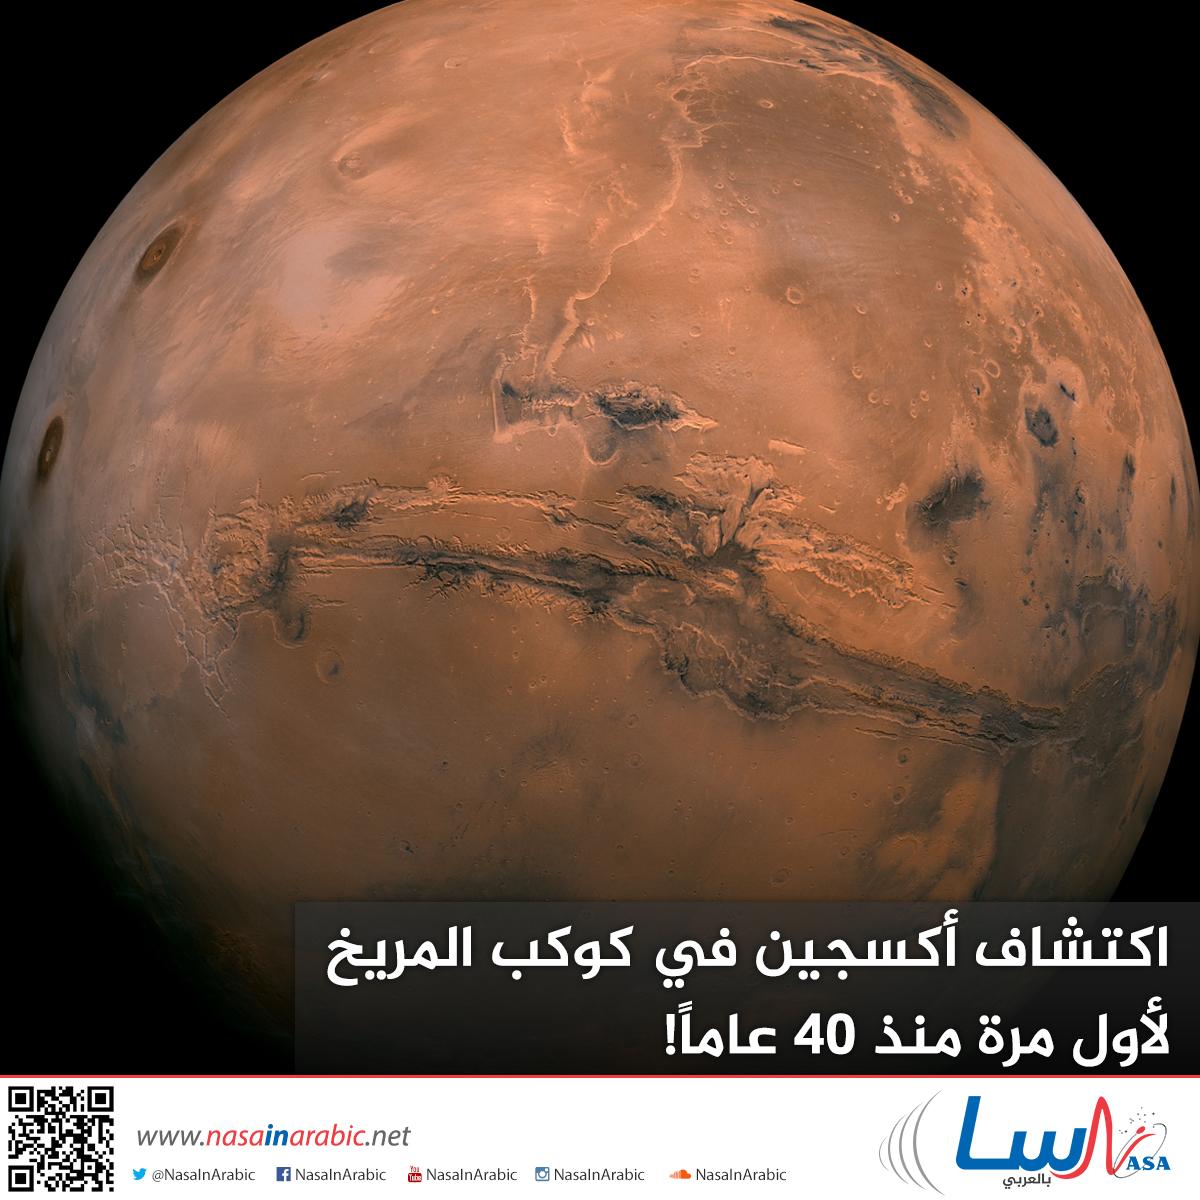 اكتشاف أكسجين في كوكب المريخ لأول مرة منذ 40 عاماً!